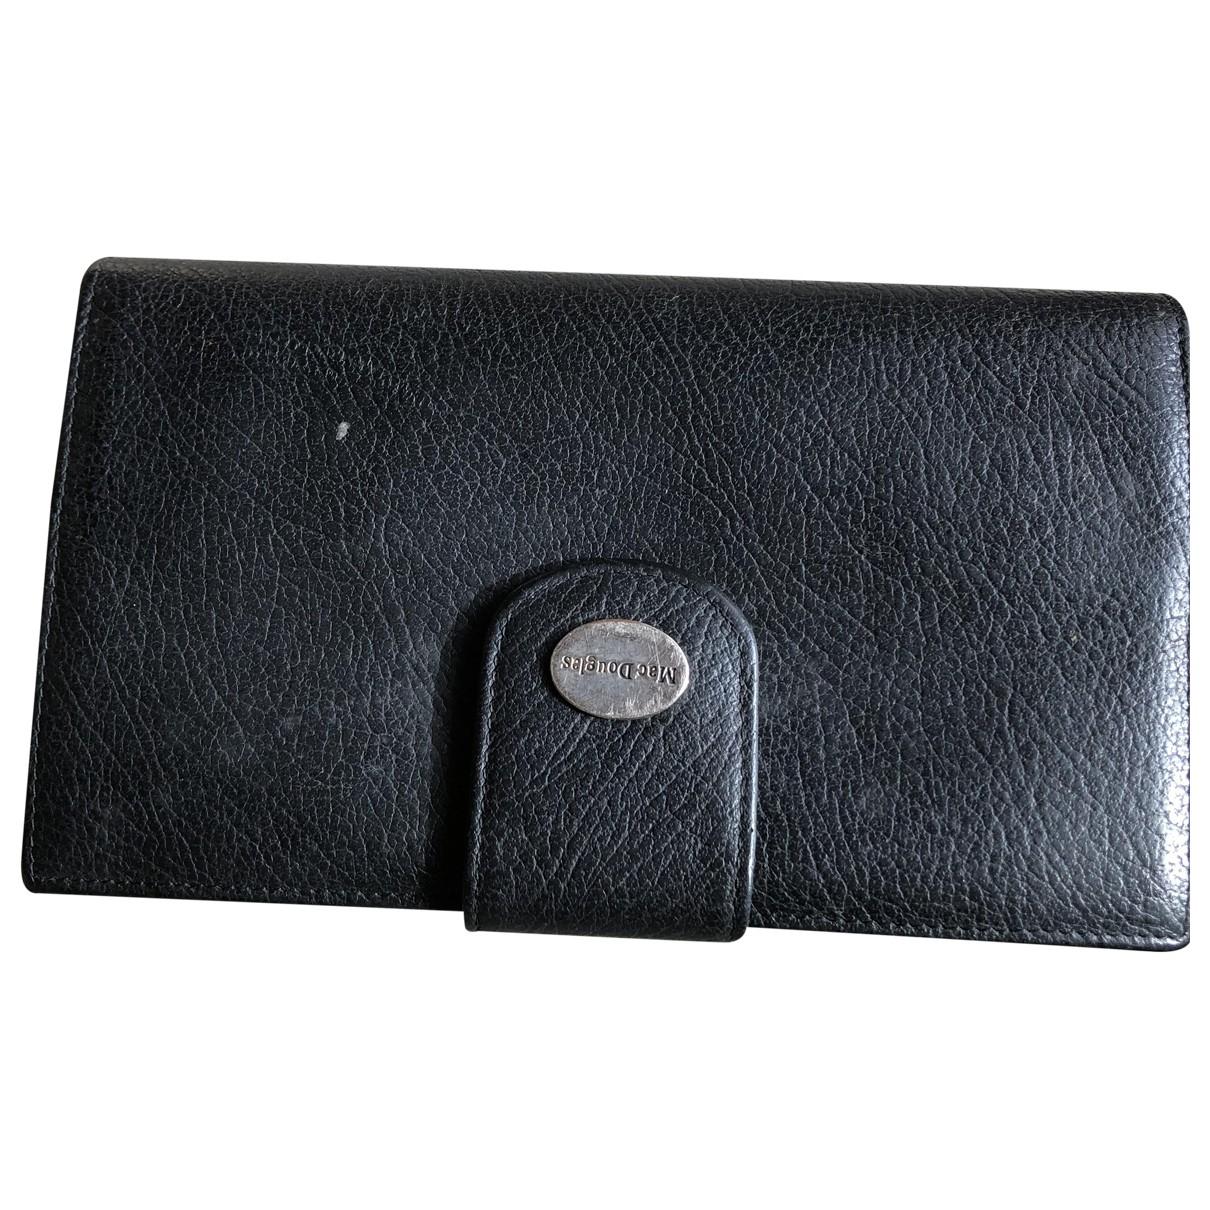 Mac Douglas - Portefeuille   pour femme en cuir - noir